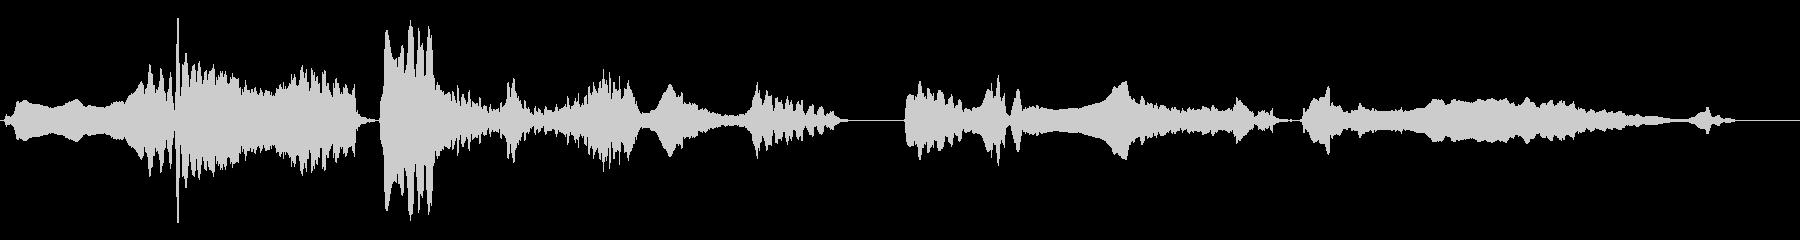 尺八の独奏 生演奏 和風のシーンなど 3の未再生の波形